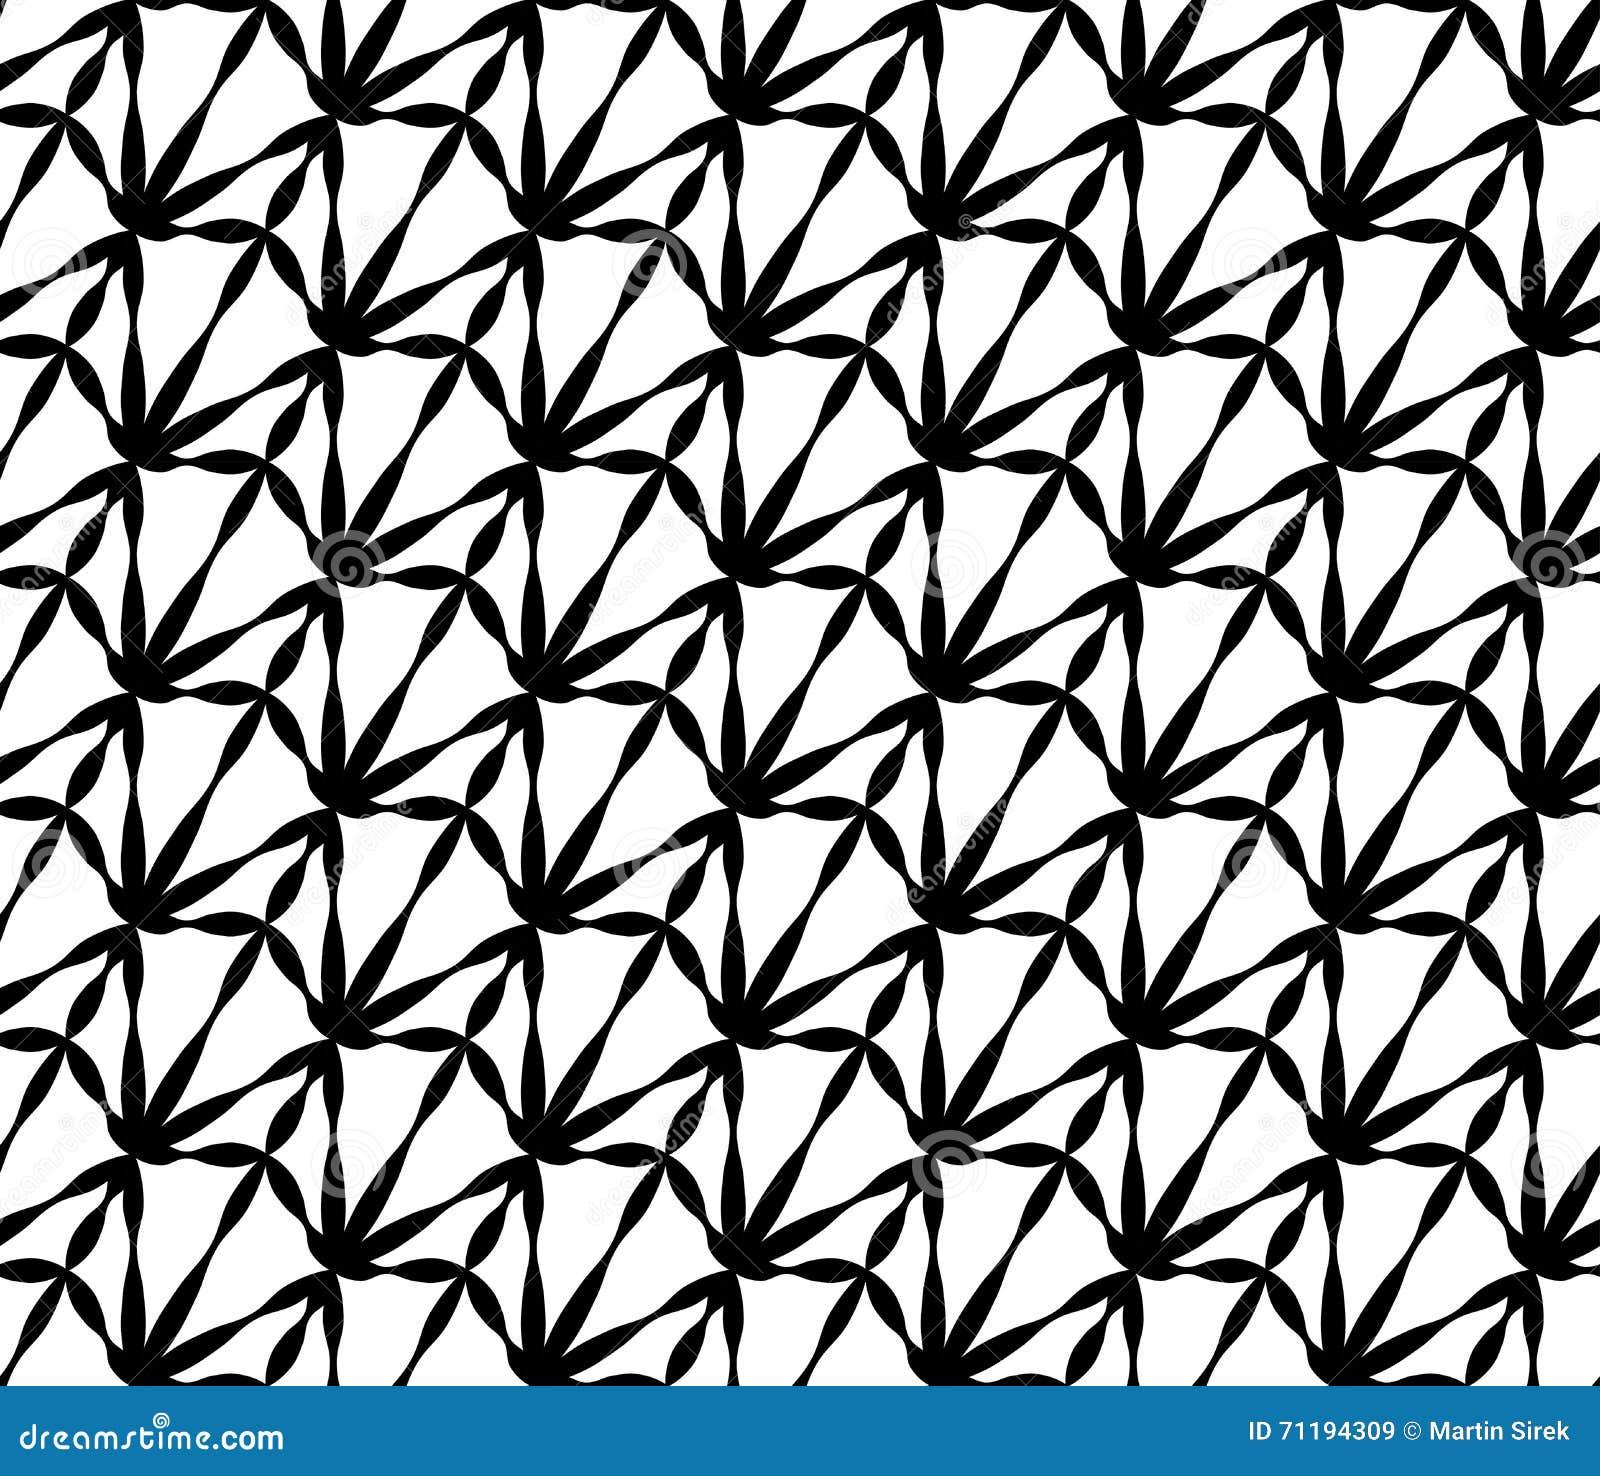 De vector moderne naadloze bizarre, zwart-witte samenvatting van het meetkundepatroon